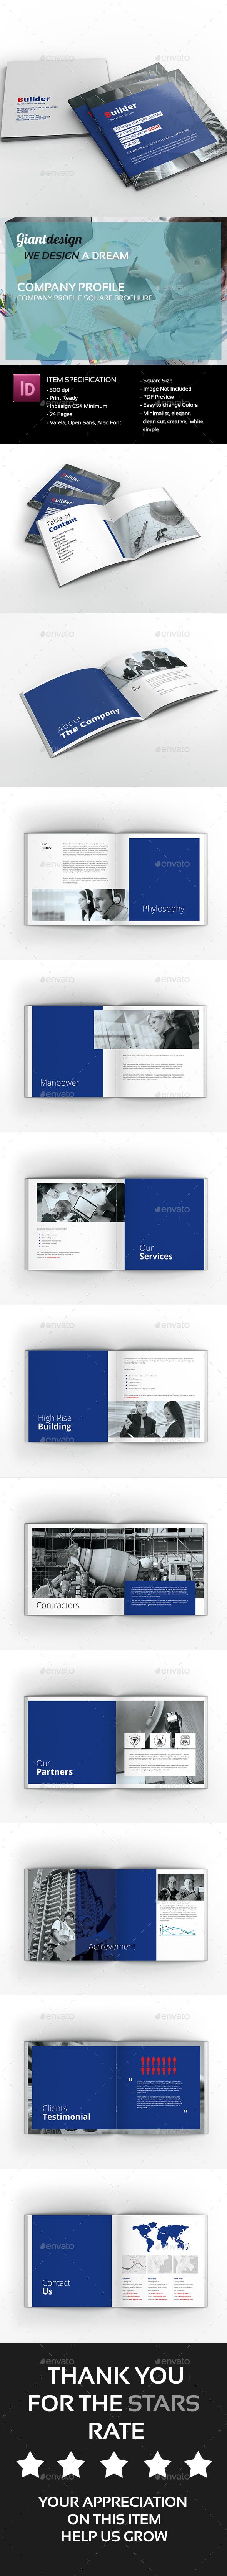 Company Profile Square Brochure - Corporate Brochures